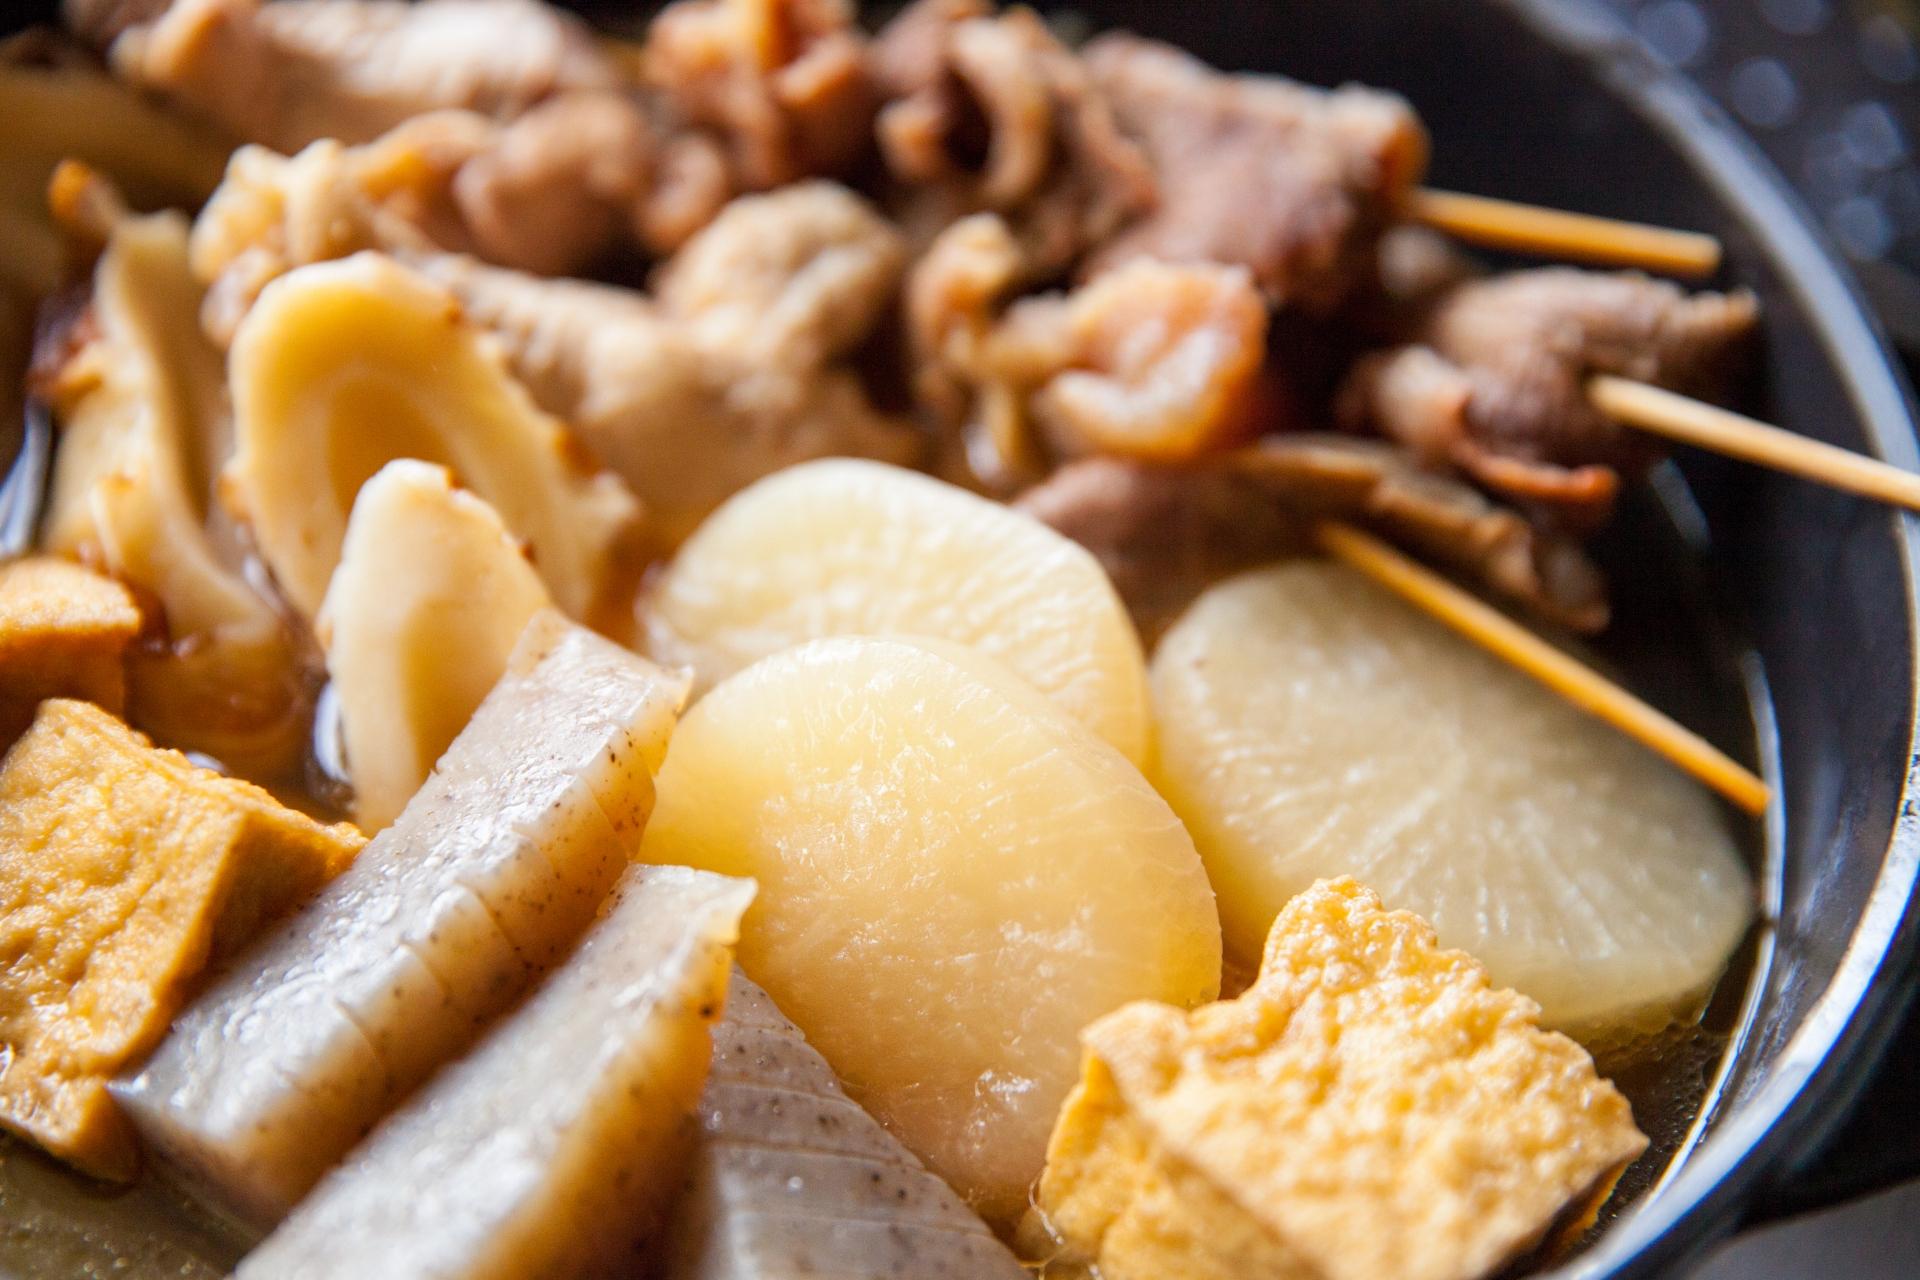 花くじらは大阪福島のおでんの名店!並んででも食べたい人気メニューは?